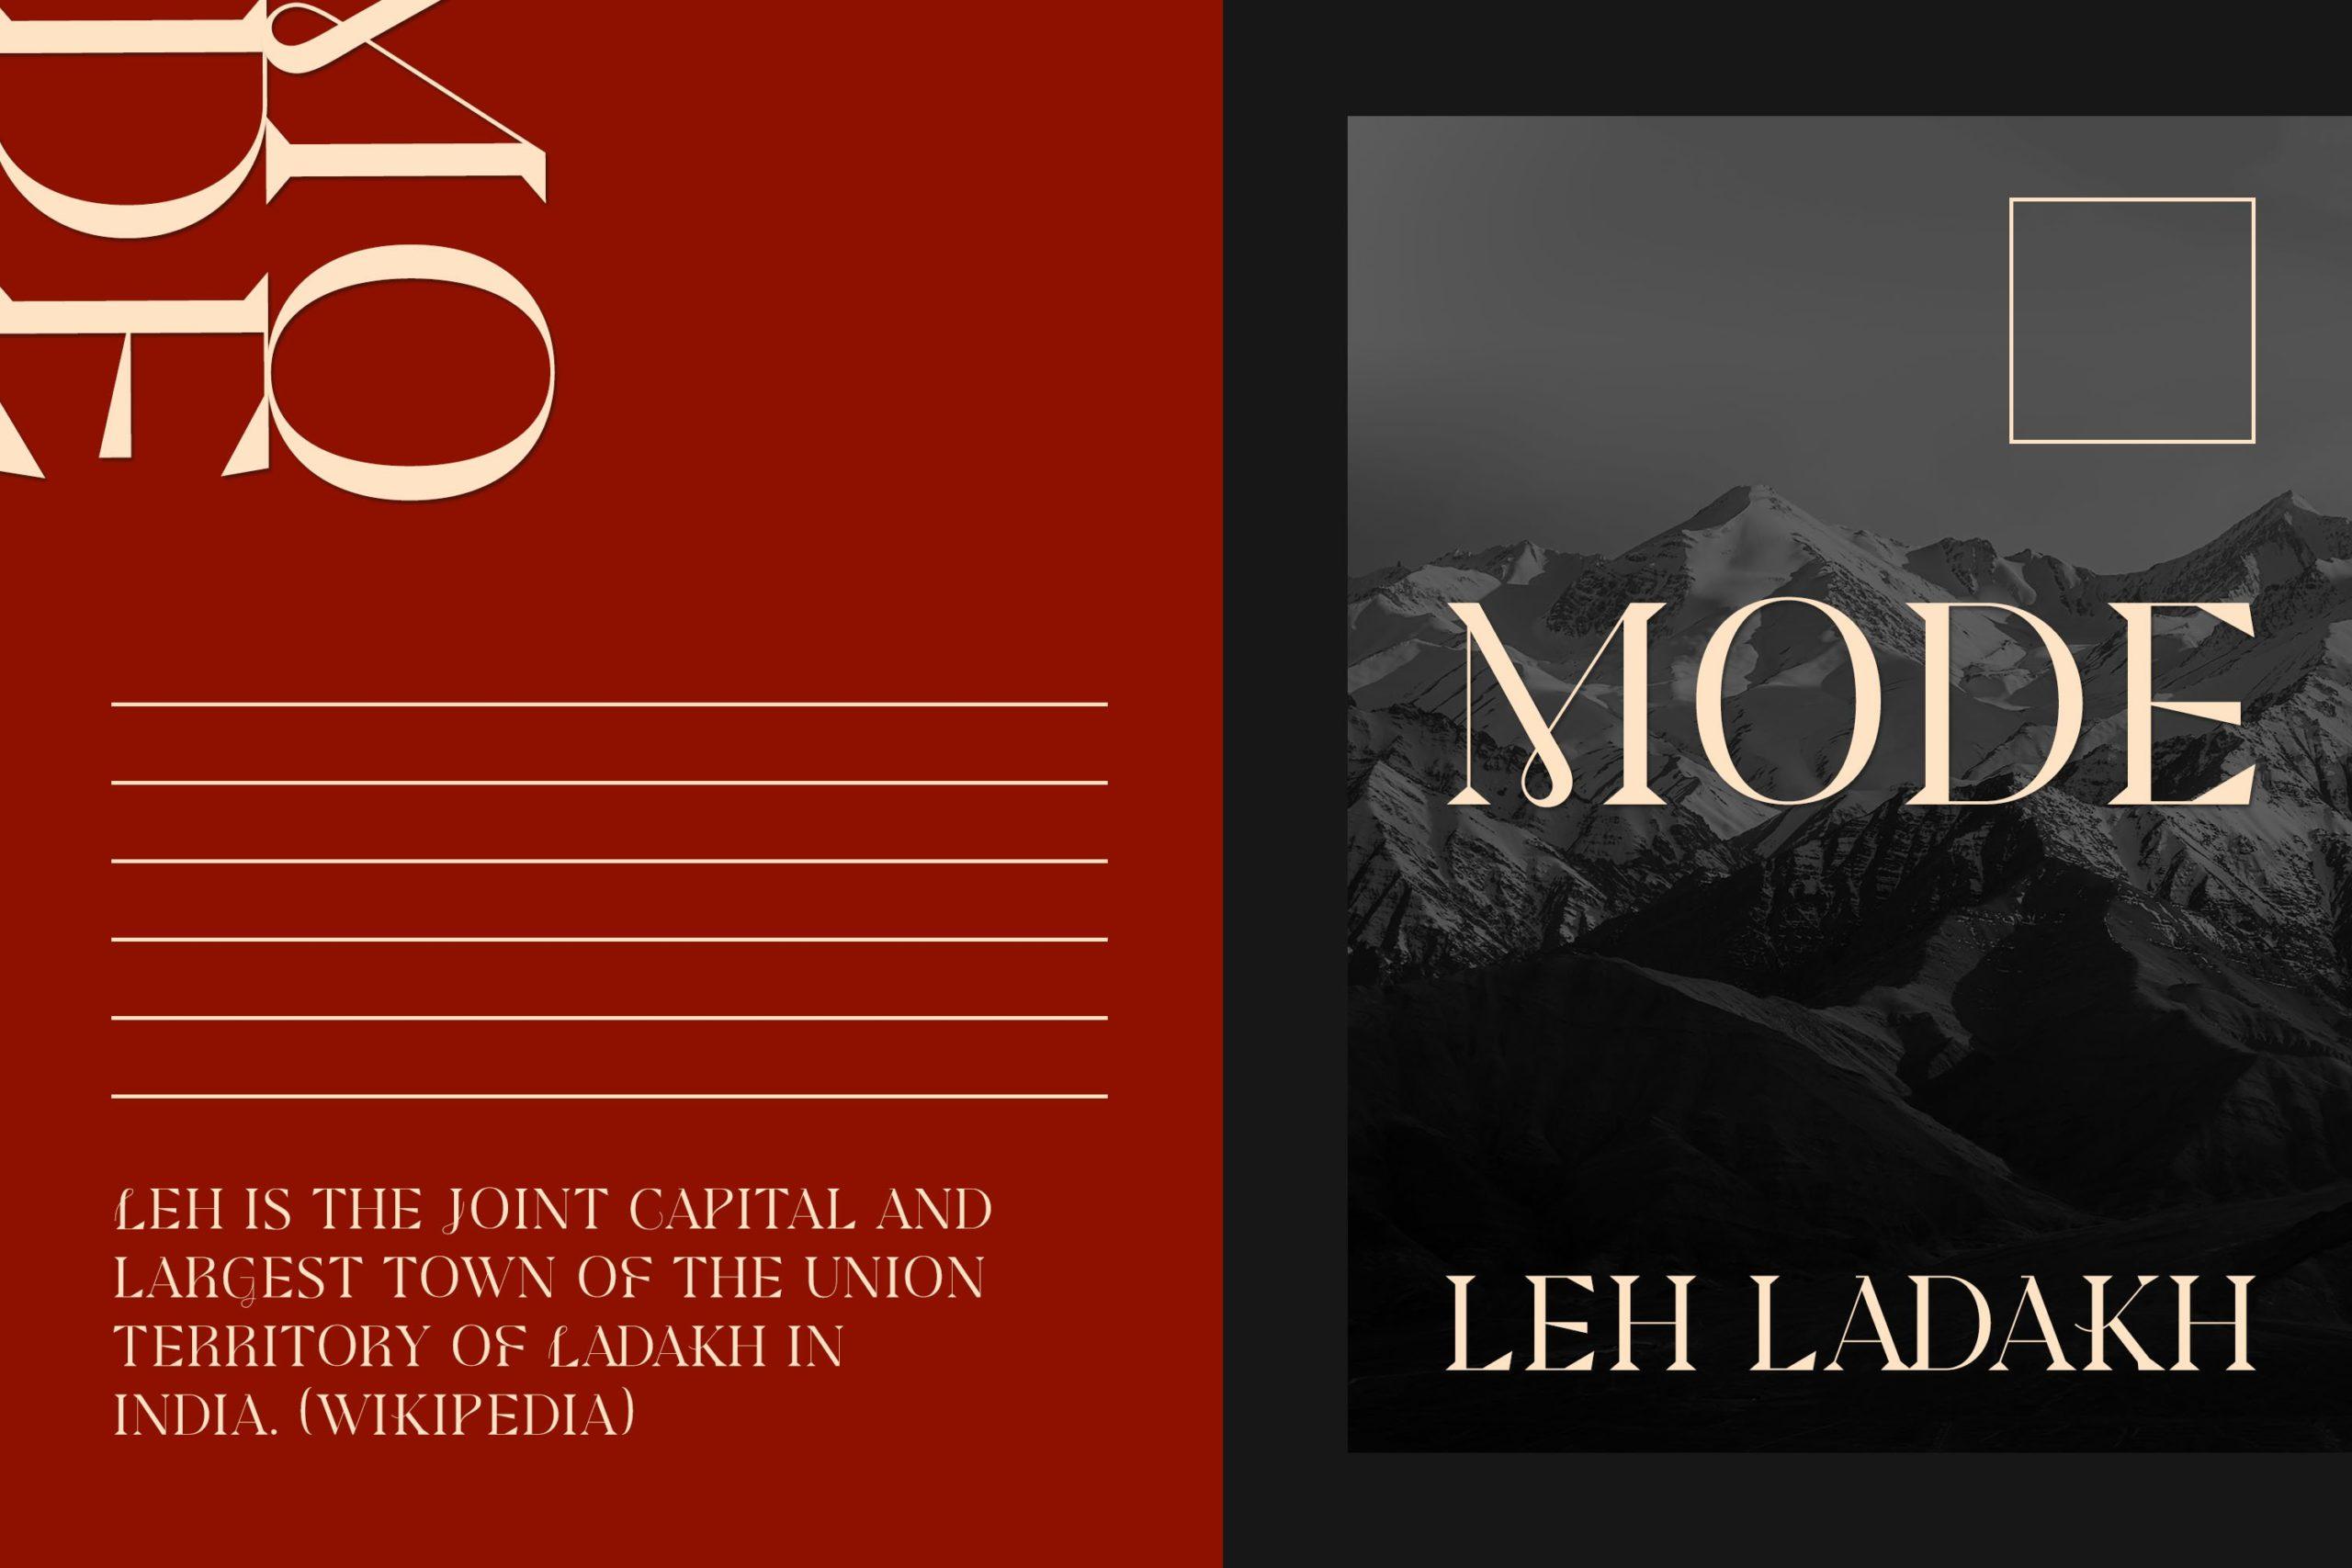 现代极简杂志画册标题徽标Logo设计衬线英文字体素材 Modesfa – Modern Display Serif插图1